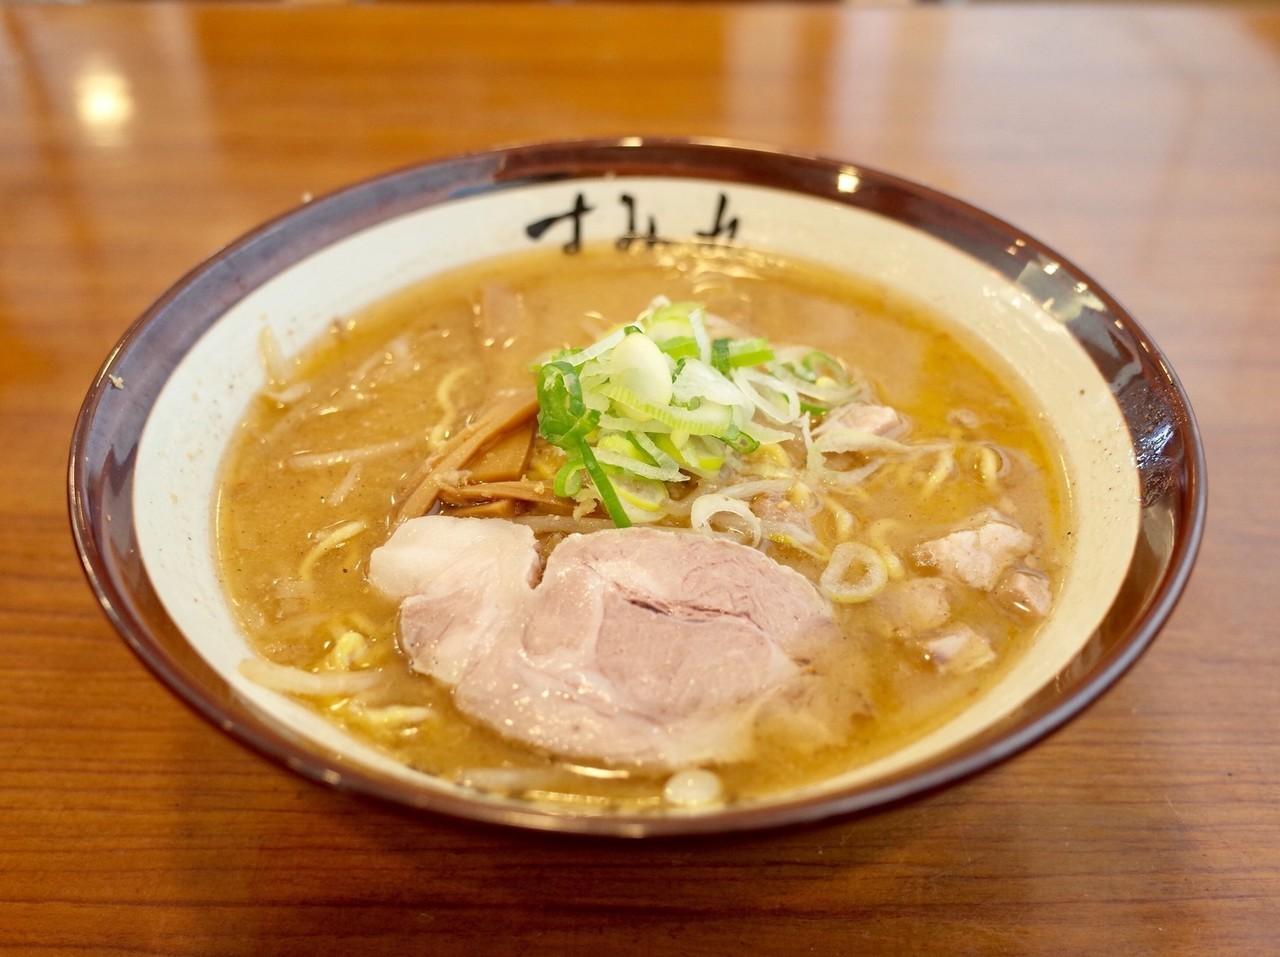 ここだけは絶対に訪問したい!札幌で人気のラーメン店19選 - サムネイル